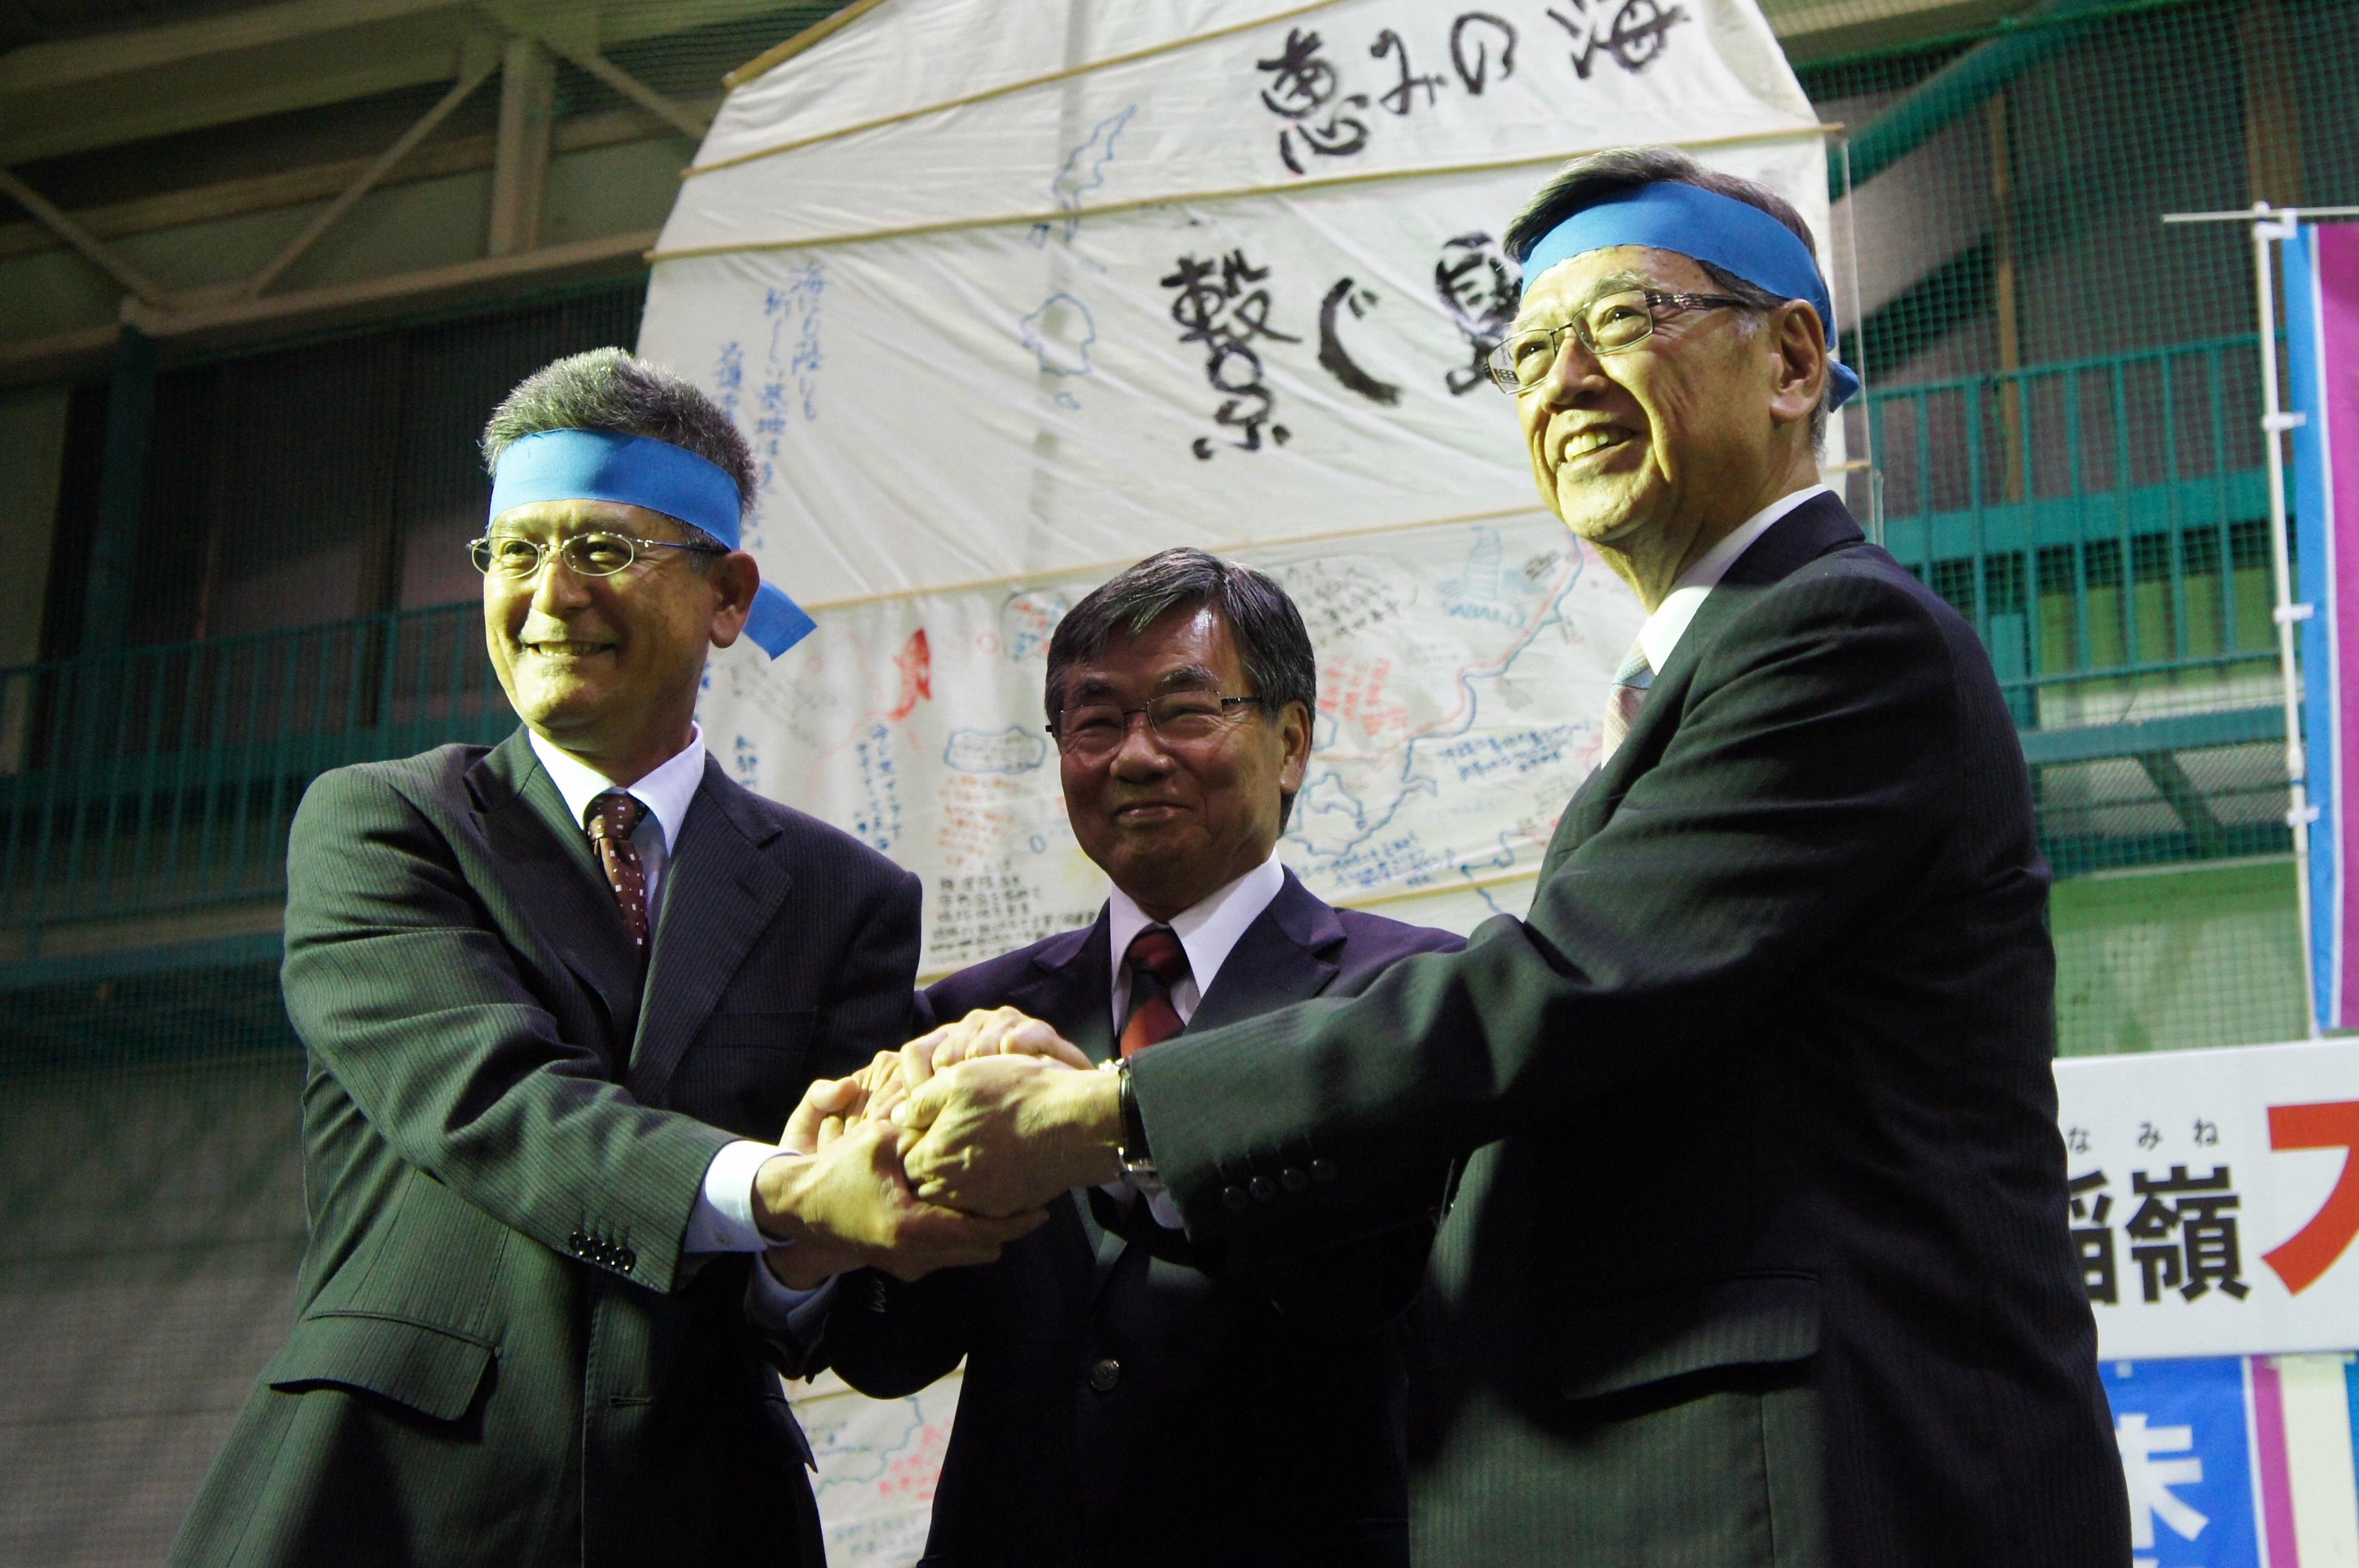 稲嶺進氏(中央)と手を結んだ翁長雄志県知事(右)と瑞慶覧長敏氏(左)=1月23日、名護市の21世紀の森屋内運動場